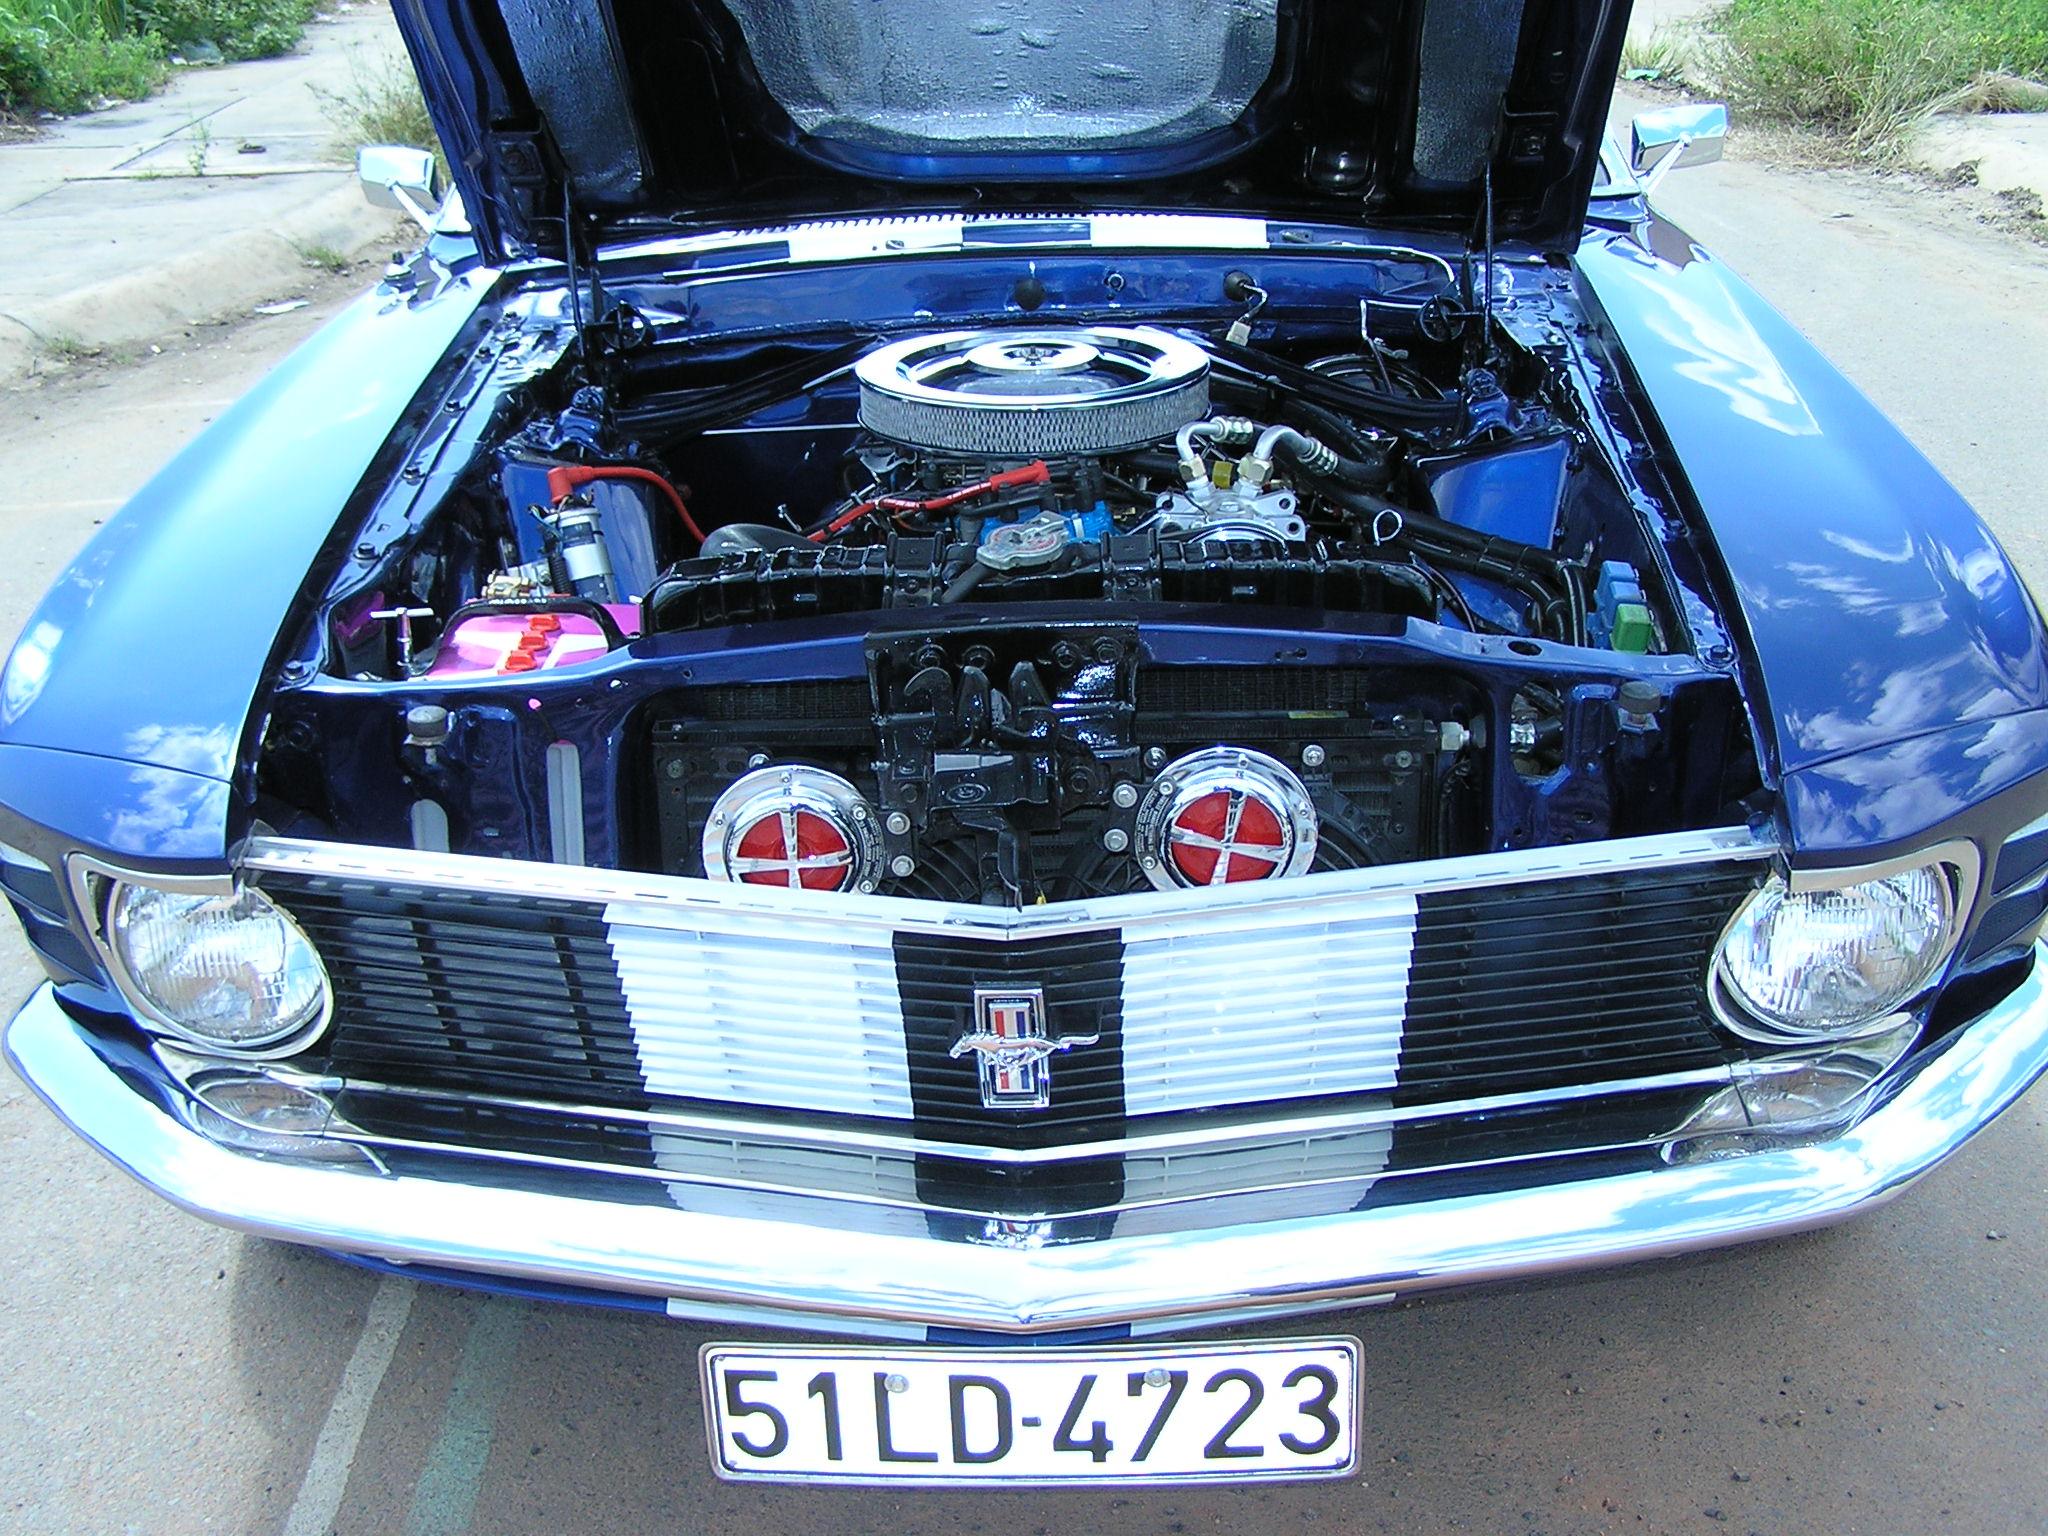 Khám phá xe cổ Ford Mustang 1970 tại Sài Gòn_3